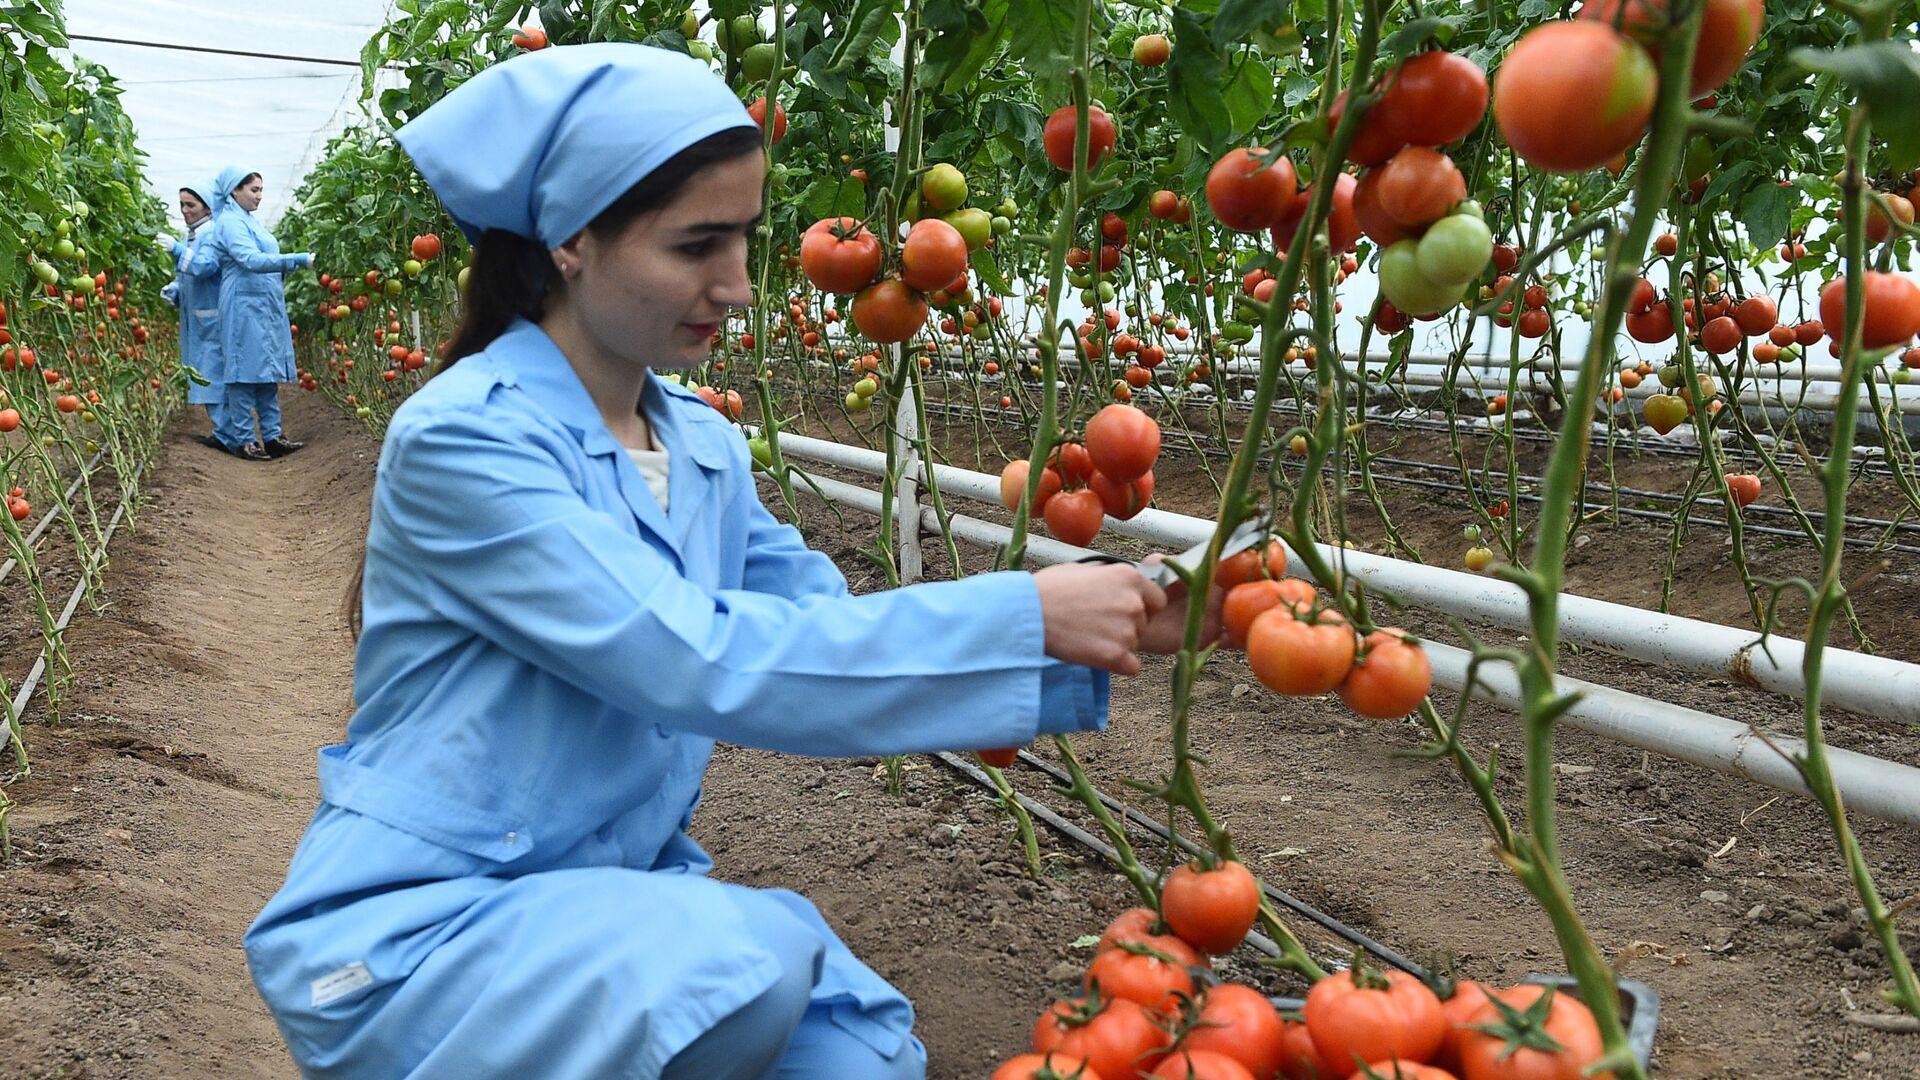 Выращивание помидоров в теплице - Sputnik Тоҷикистон, 1920, 26.04.2021